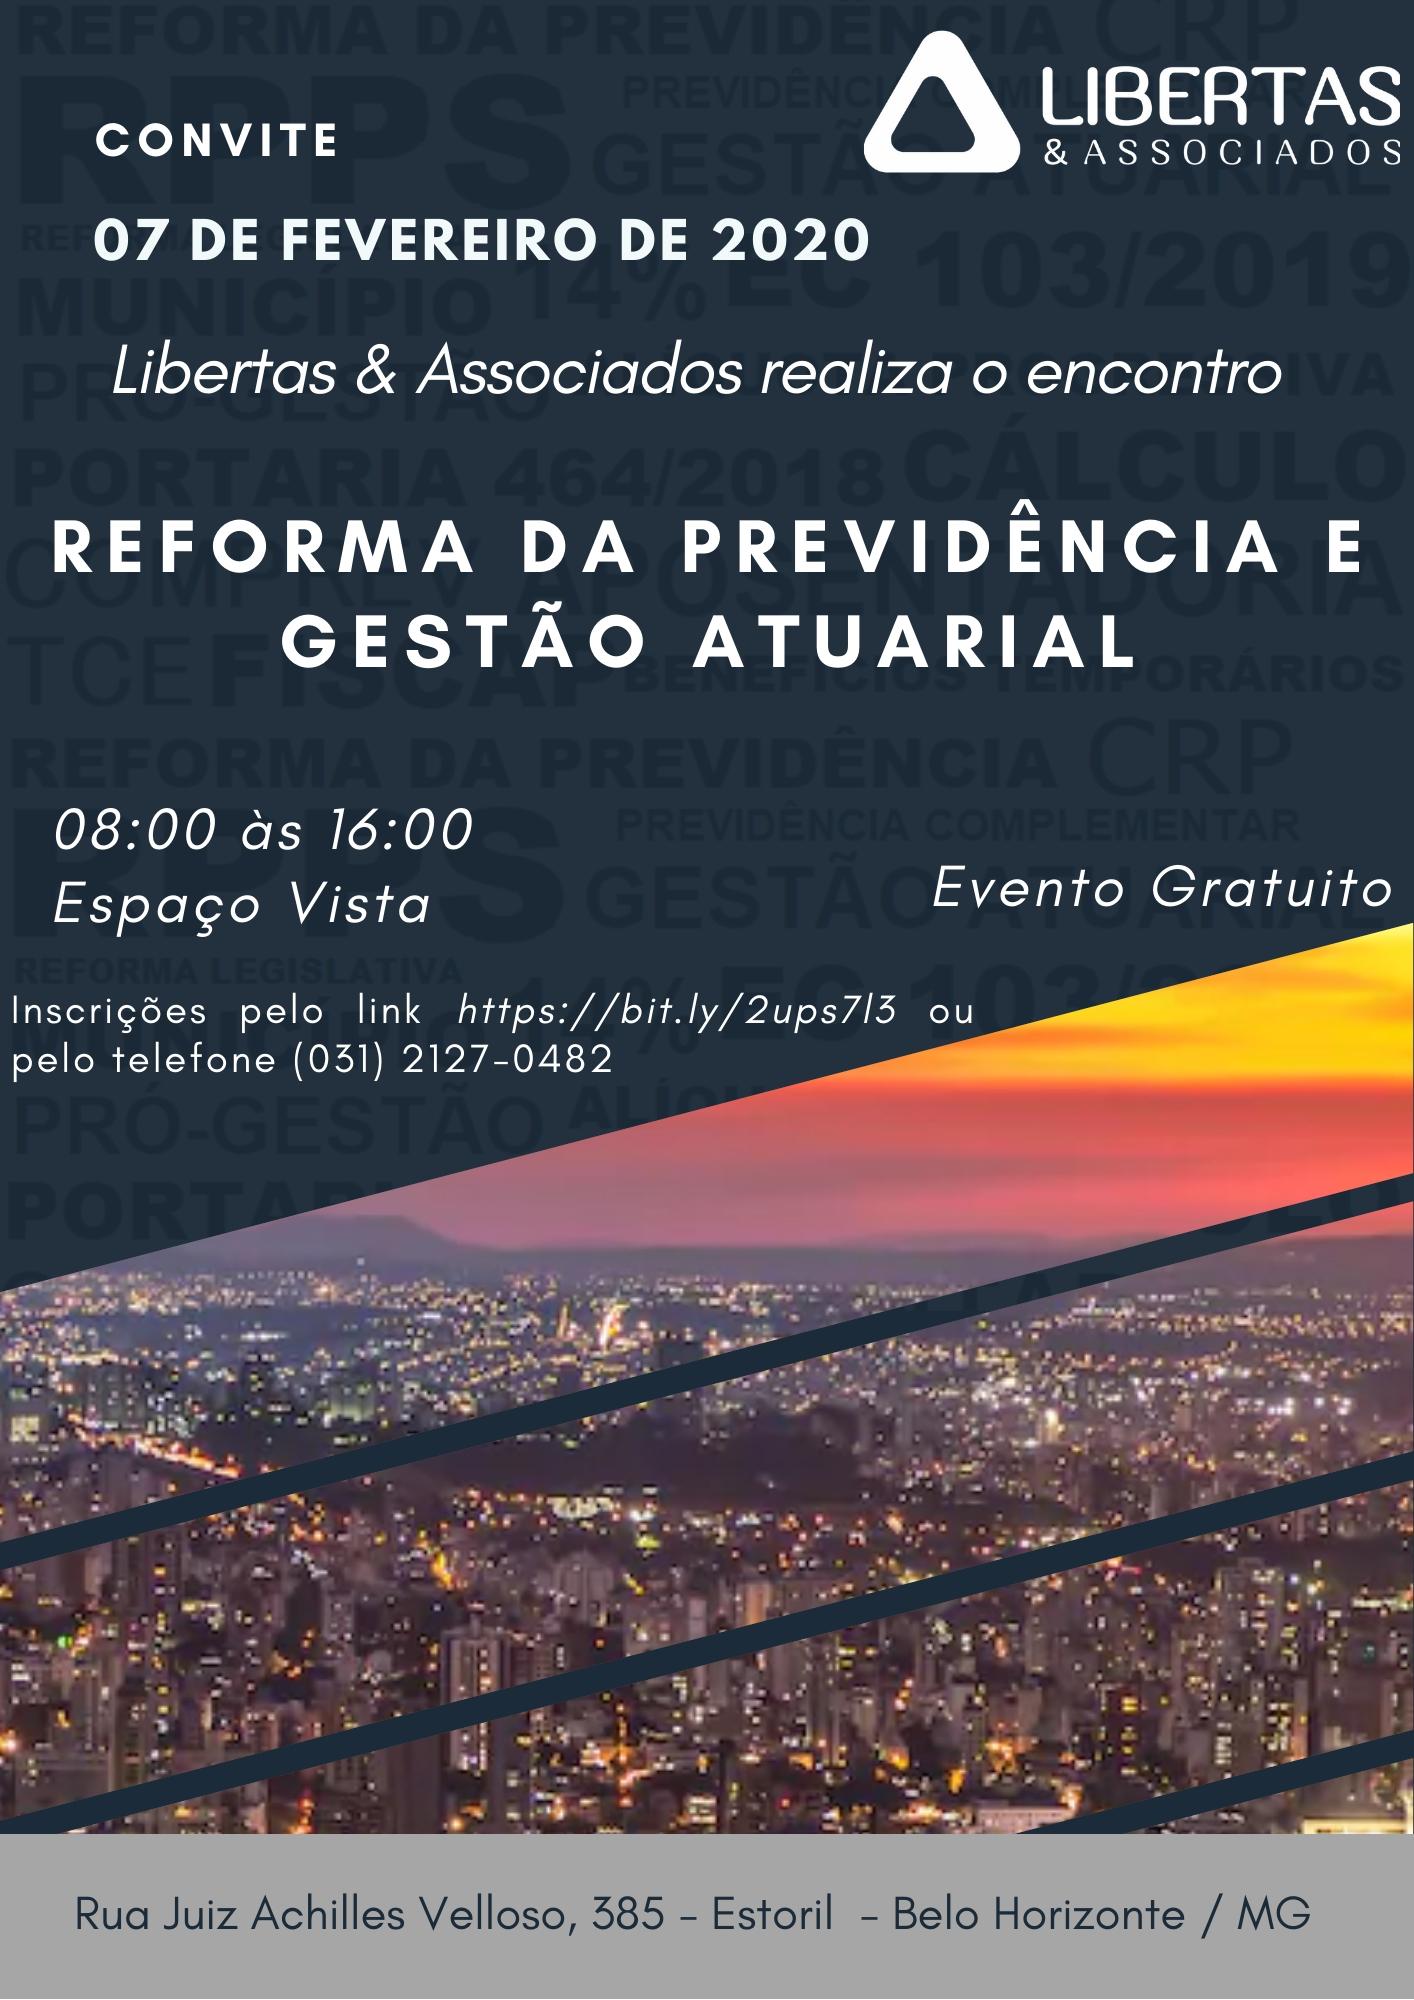 Participe de nosso ciclo de palestras sobre mudanças trazidas pela Reforma da Previdência e Gestão Atuarial